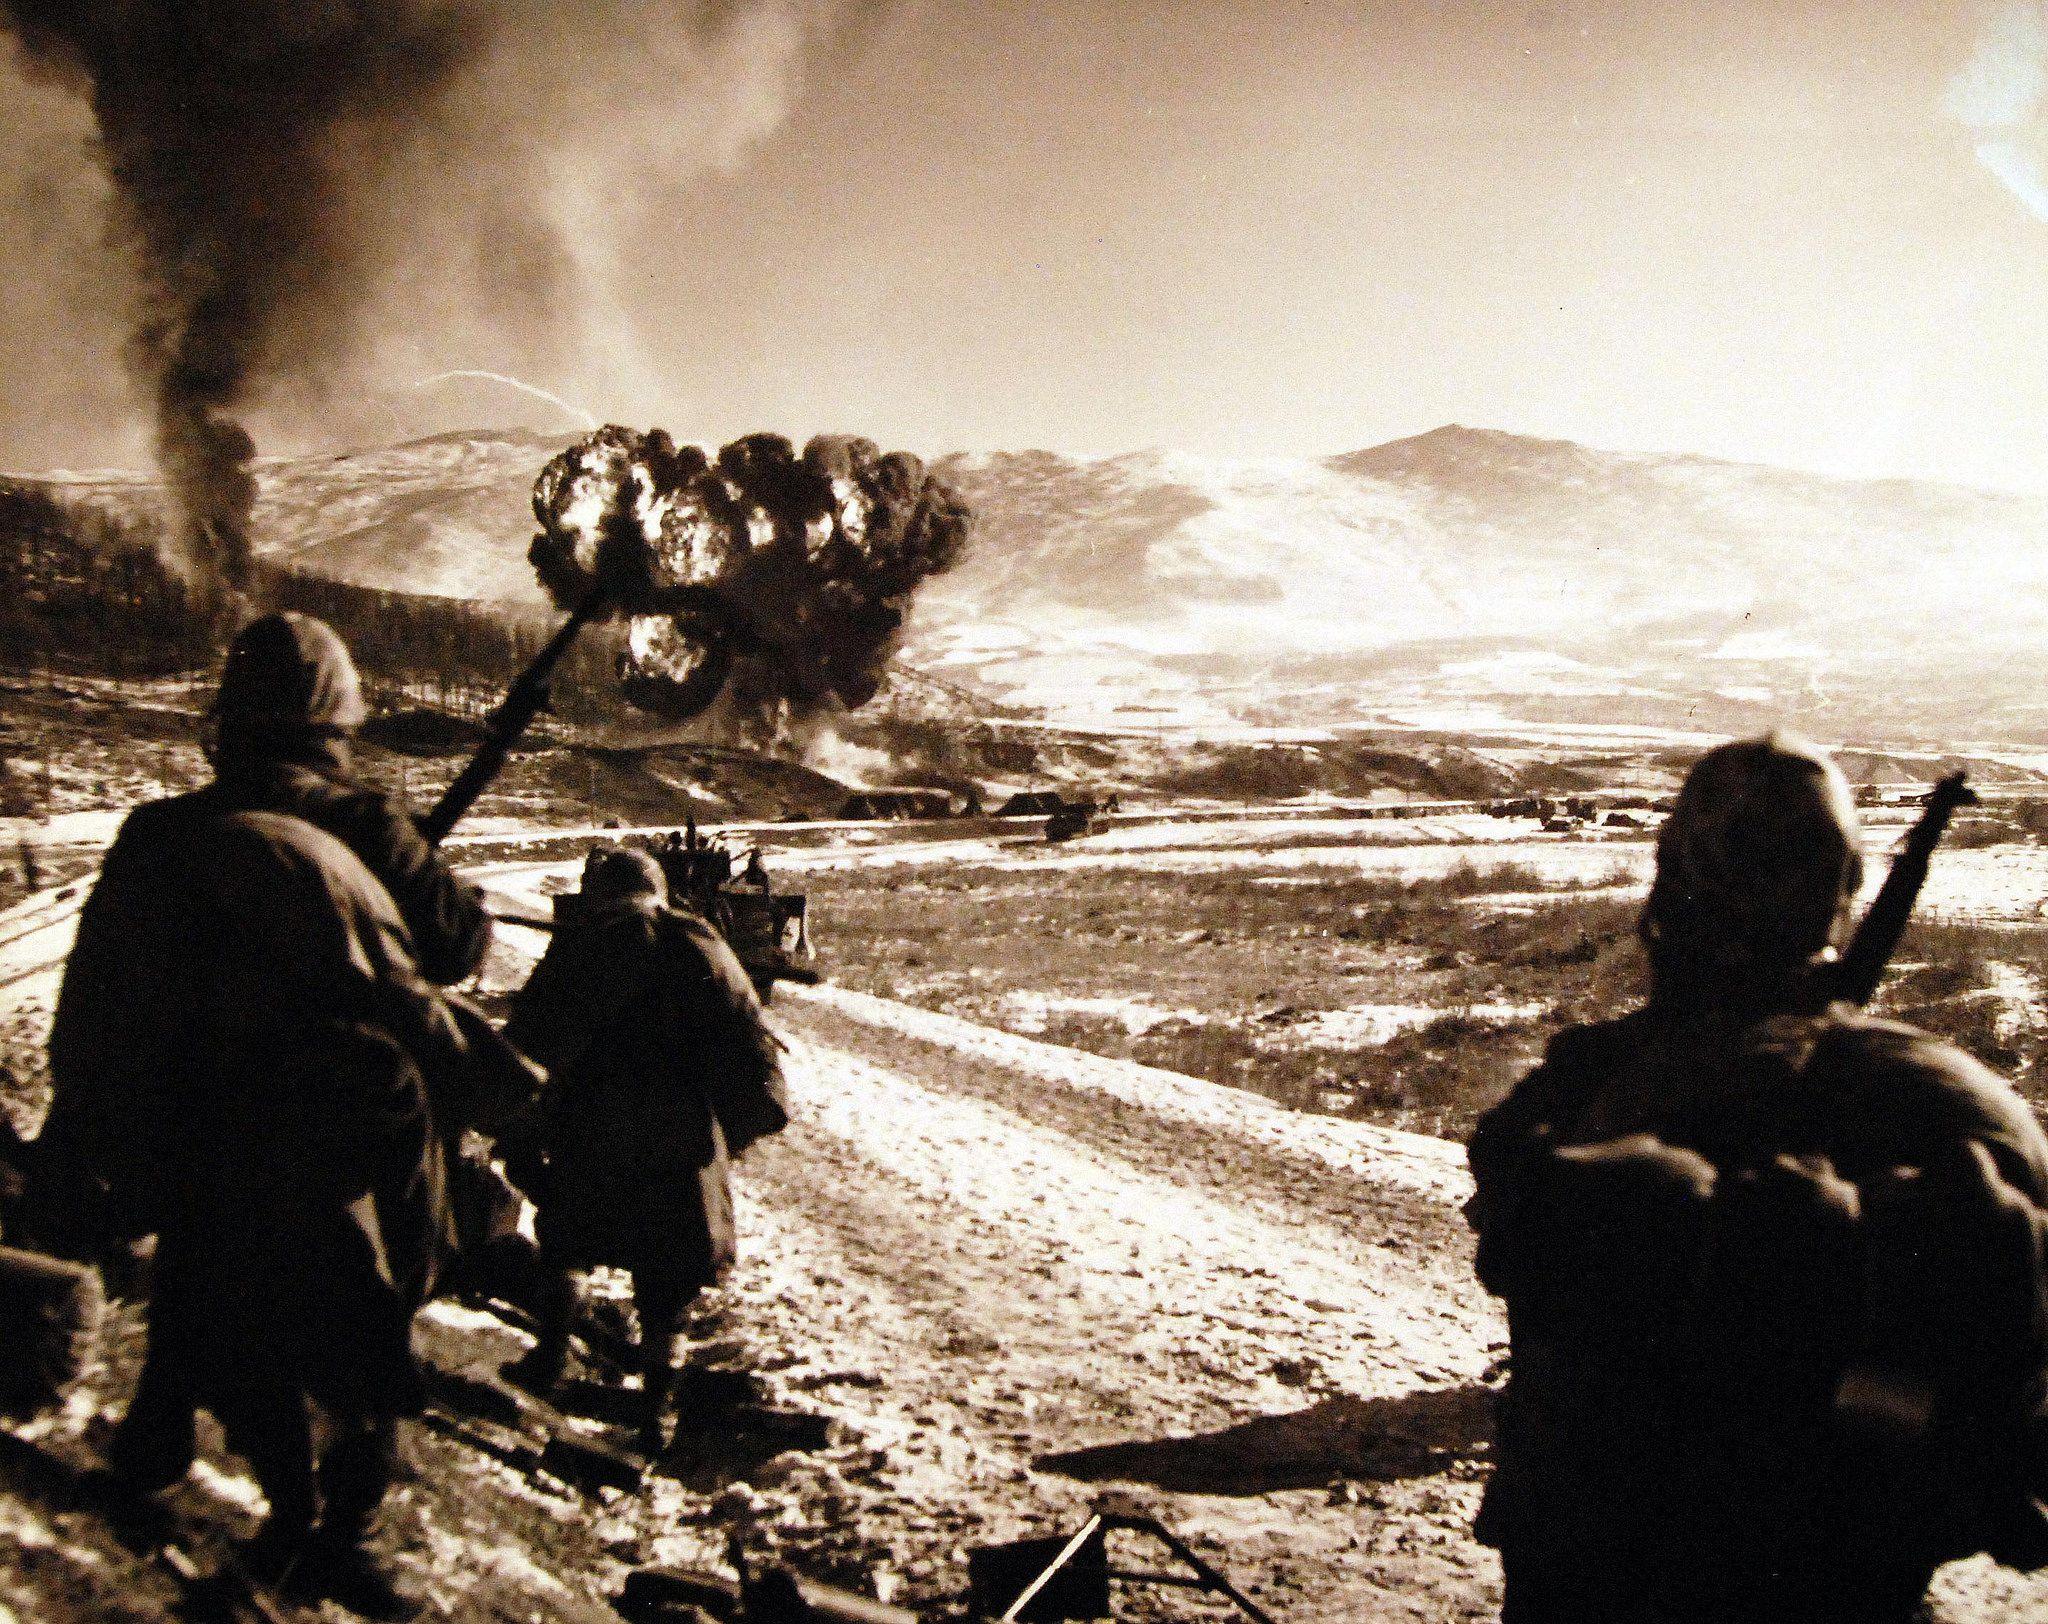 330PS971 (A5464) Korean war, Vietnam war photos